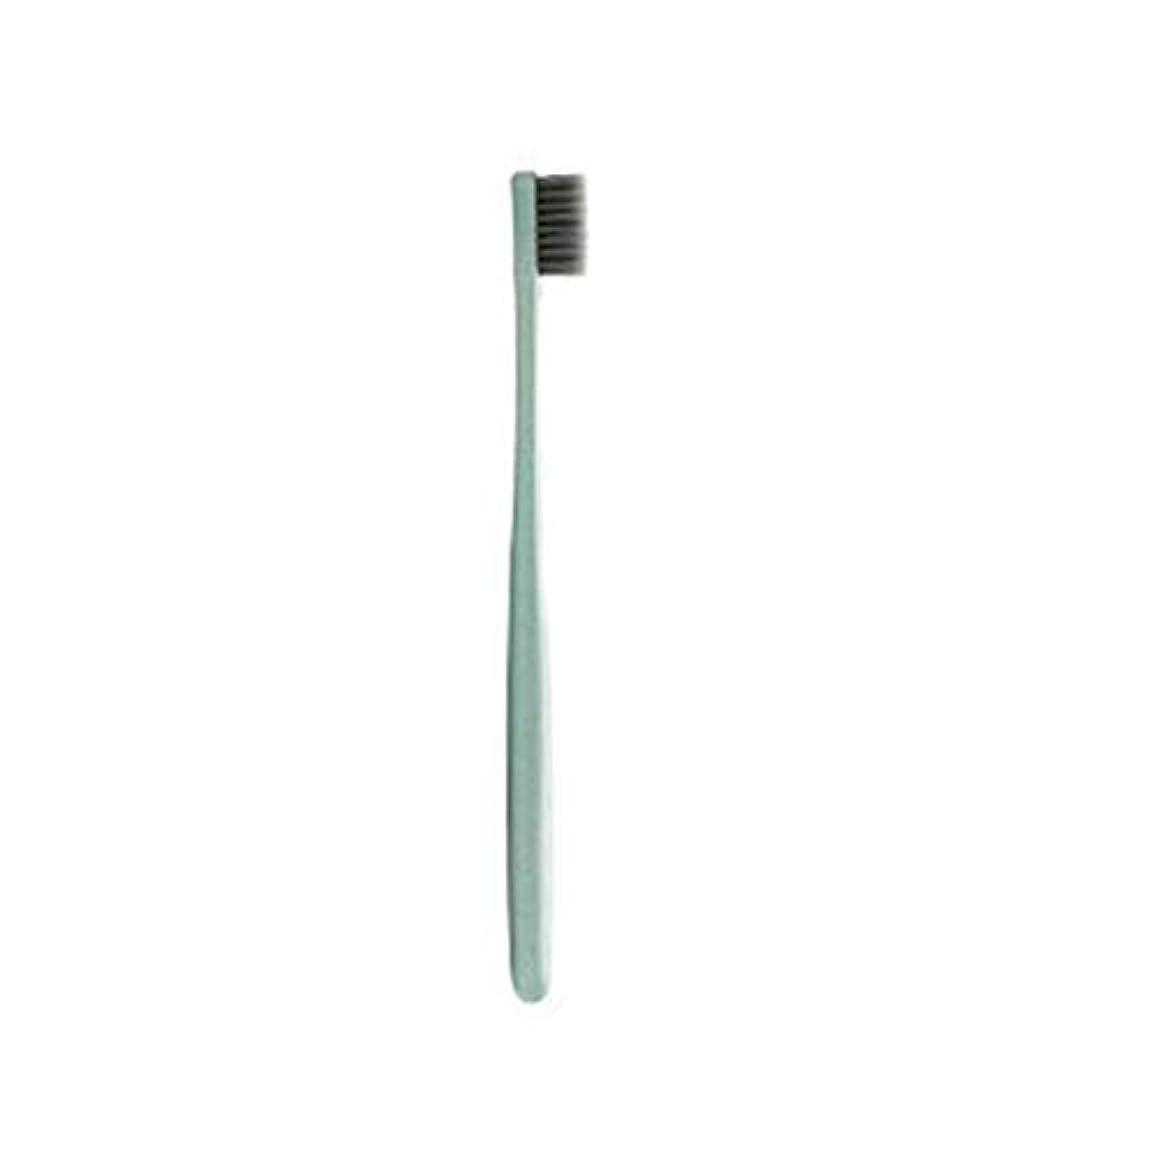 マイクロプロセッサ引き受ける隣人K-666小麦わらの歯ブラシ歯のクリーニングブラシ竹炭毛ブラシ環境に優しいブラシ歯のケア - ピンク